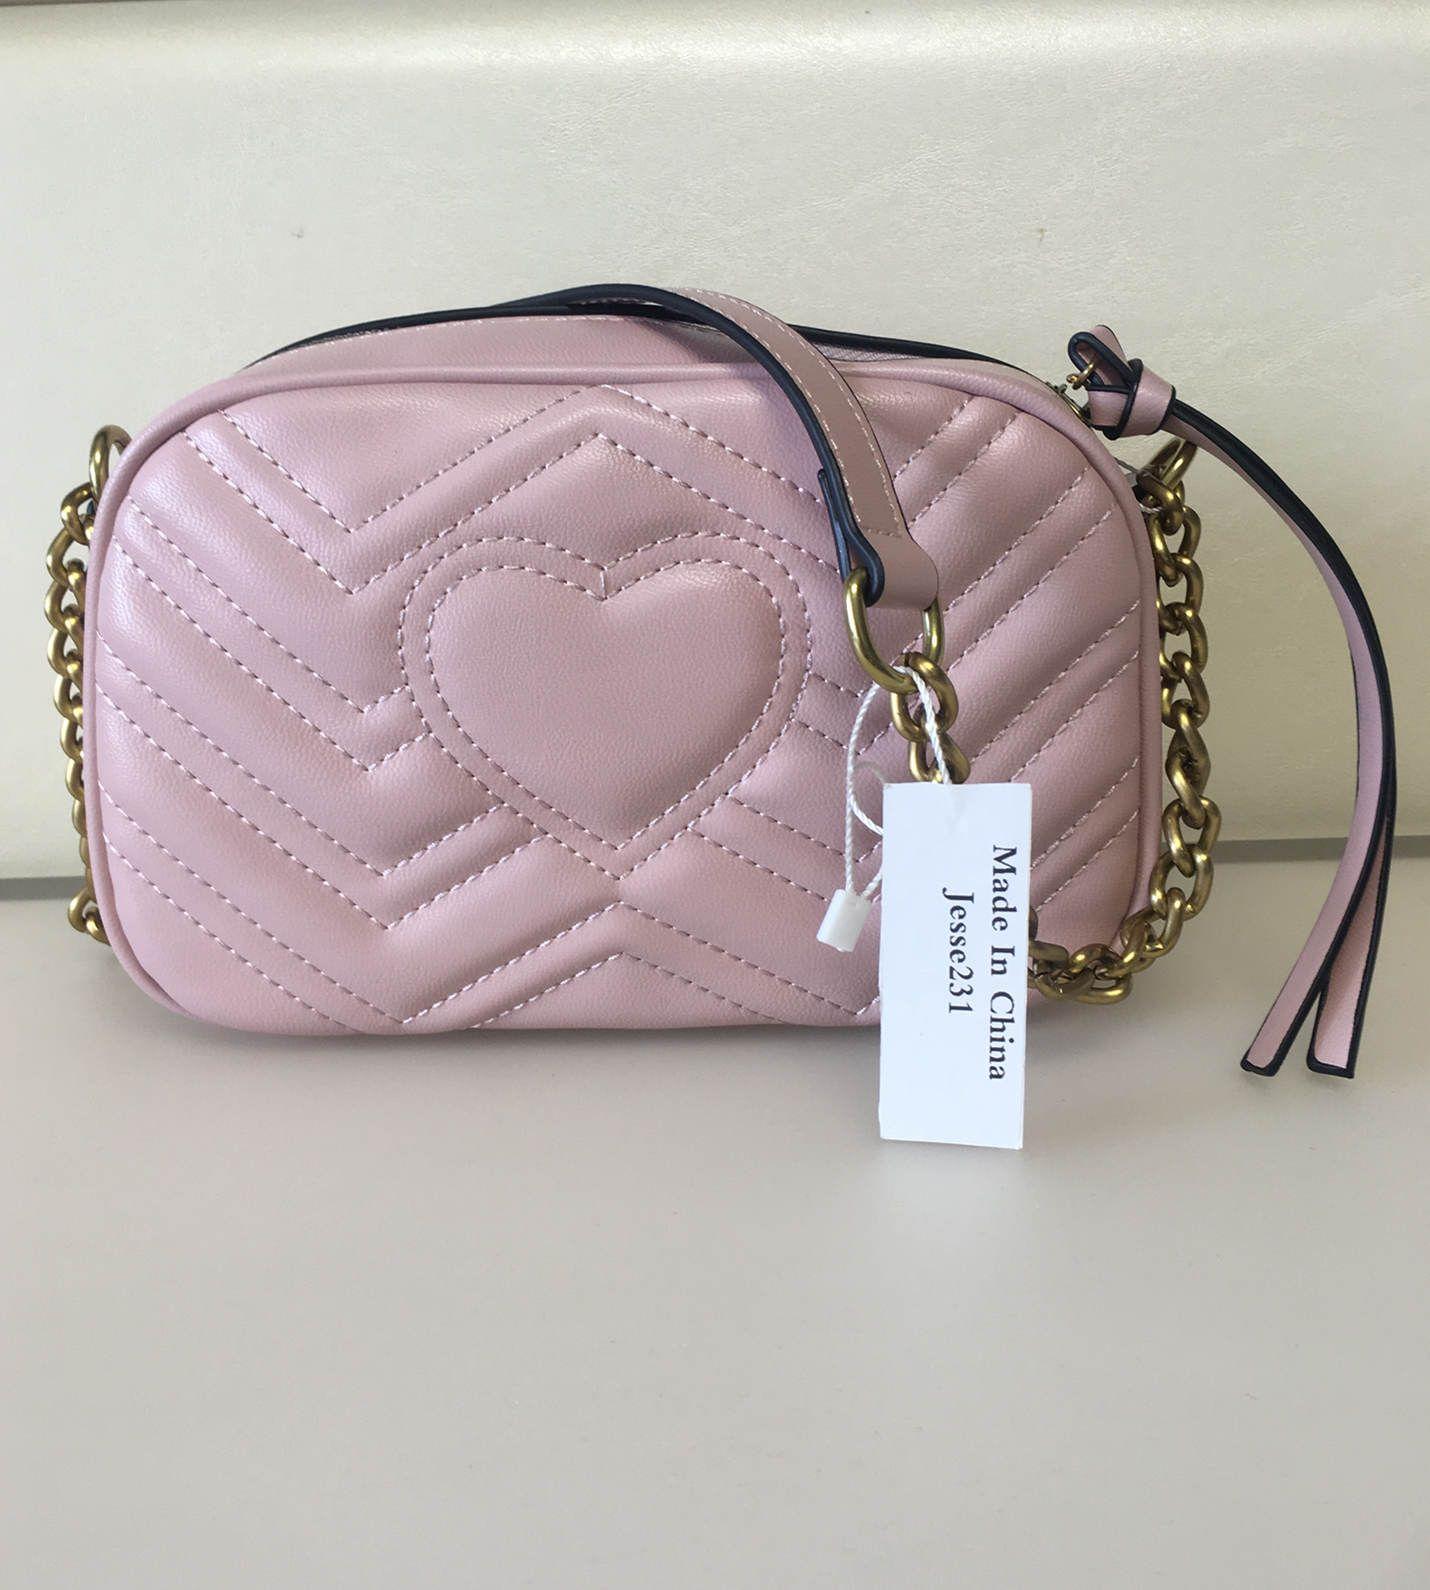 Alta Qualidade New Mulheres Bolsas de ouro cadeia ombro sacos Crossbody Soho Bag Disco Messenger Bag bolsa carteira 5 cores